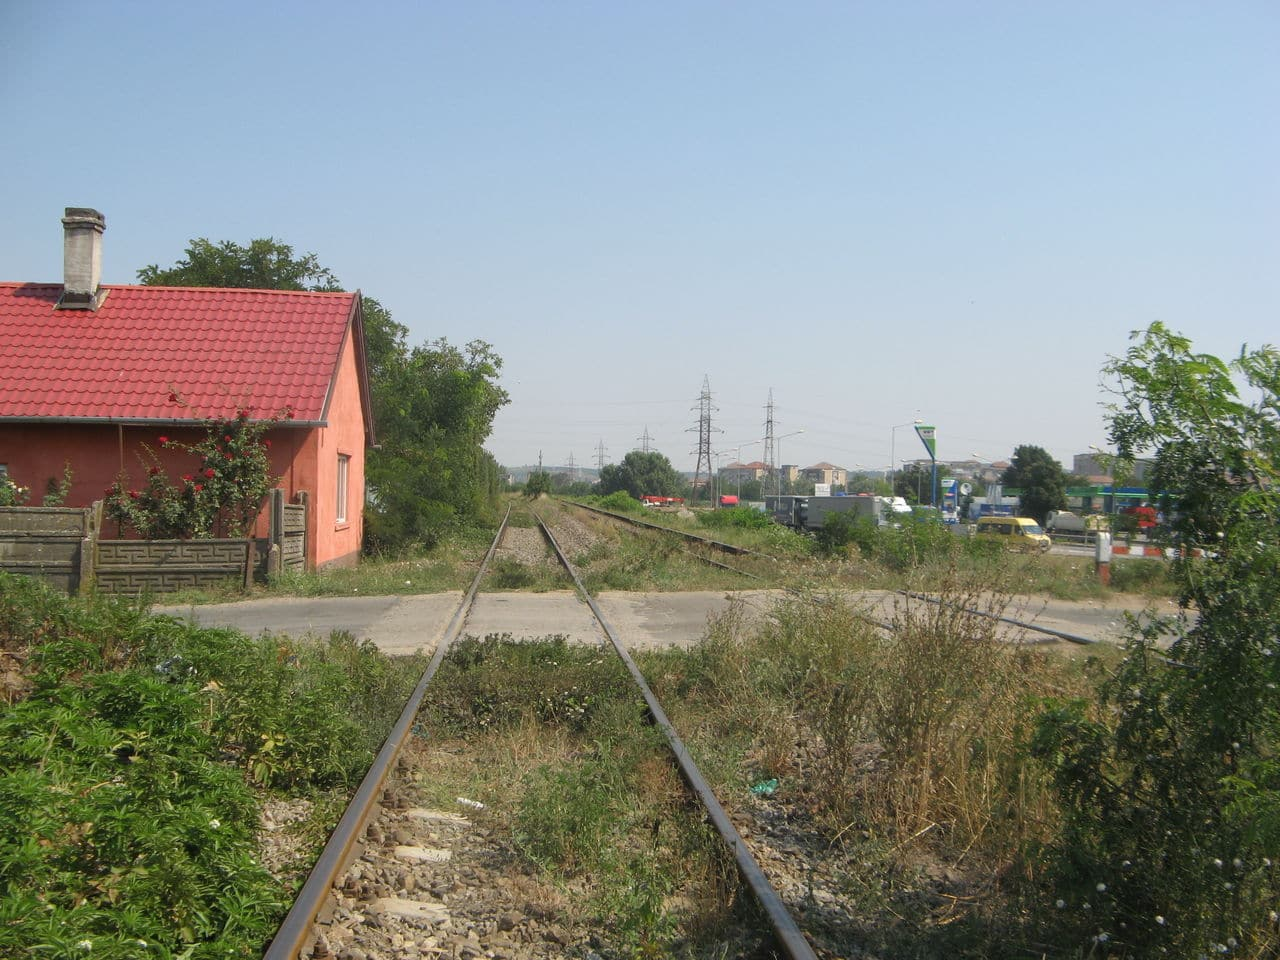 Calea ferată directă Oradea Vest - Episcopia Bihor IMG_0009